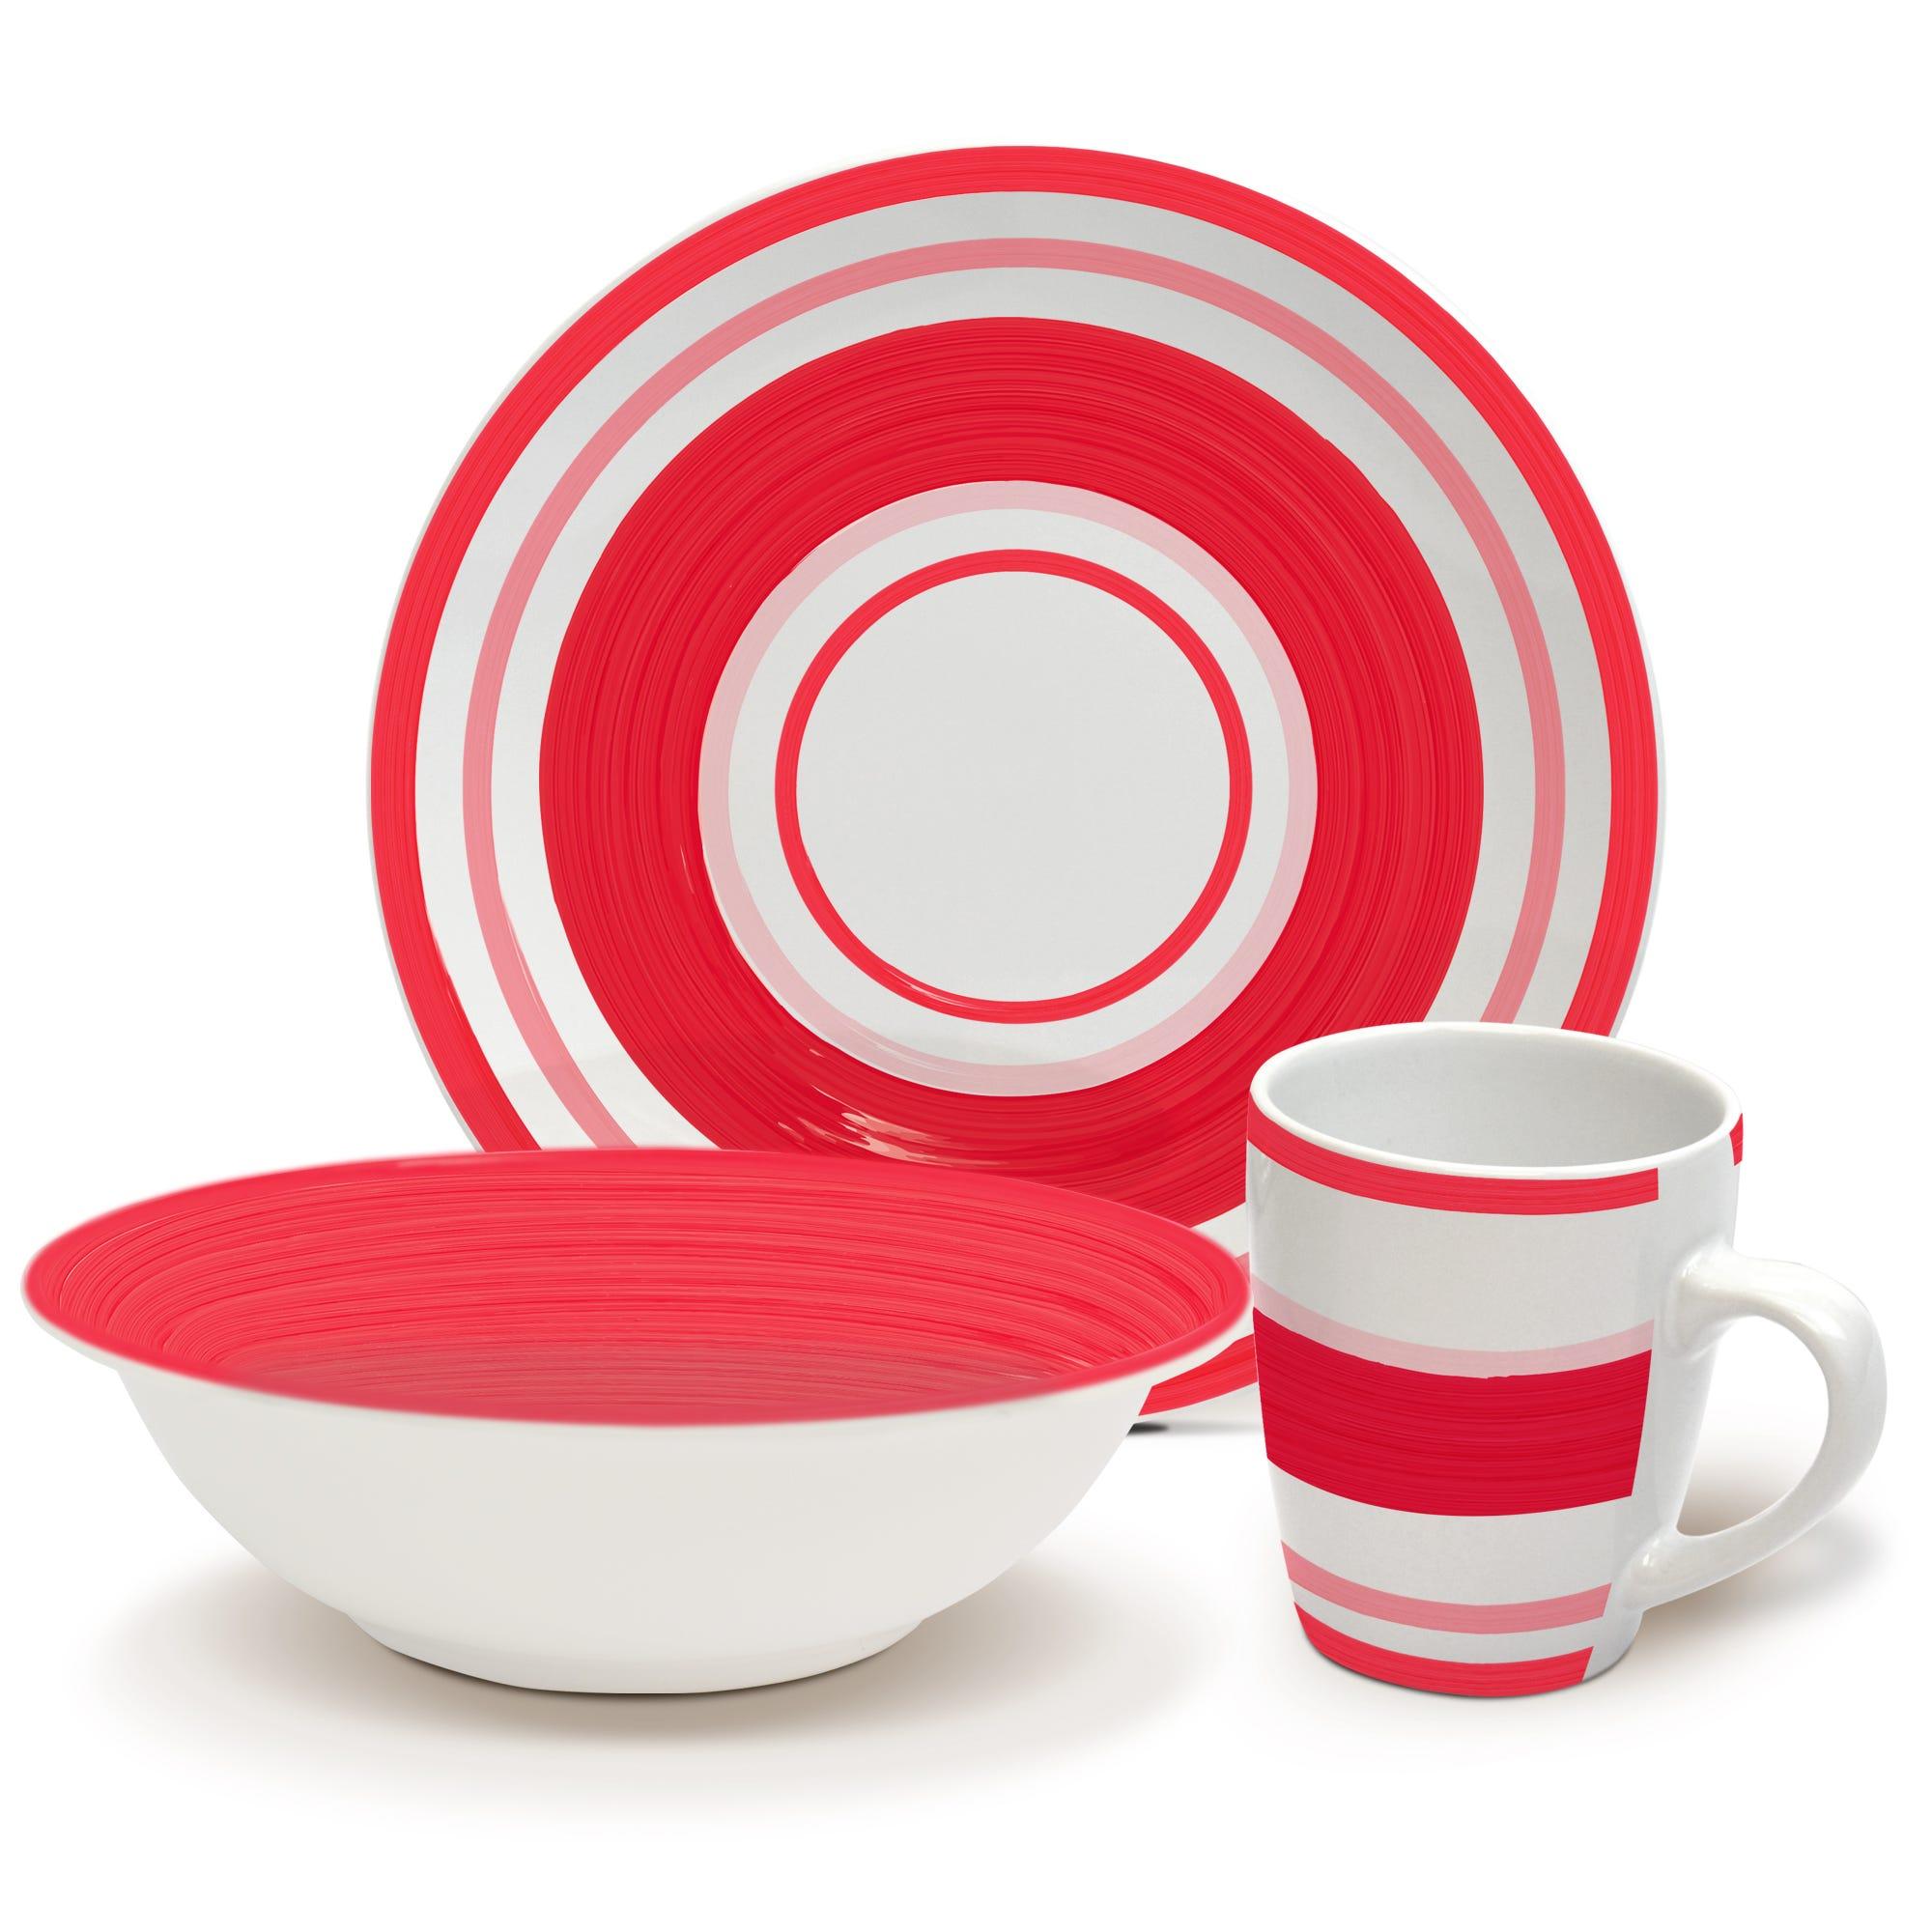 Vajilla de cerámica Home Gallery color rojo, Set de 12 piezas